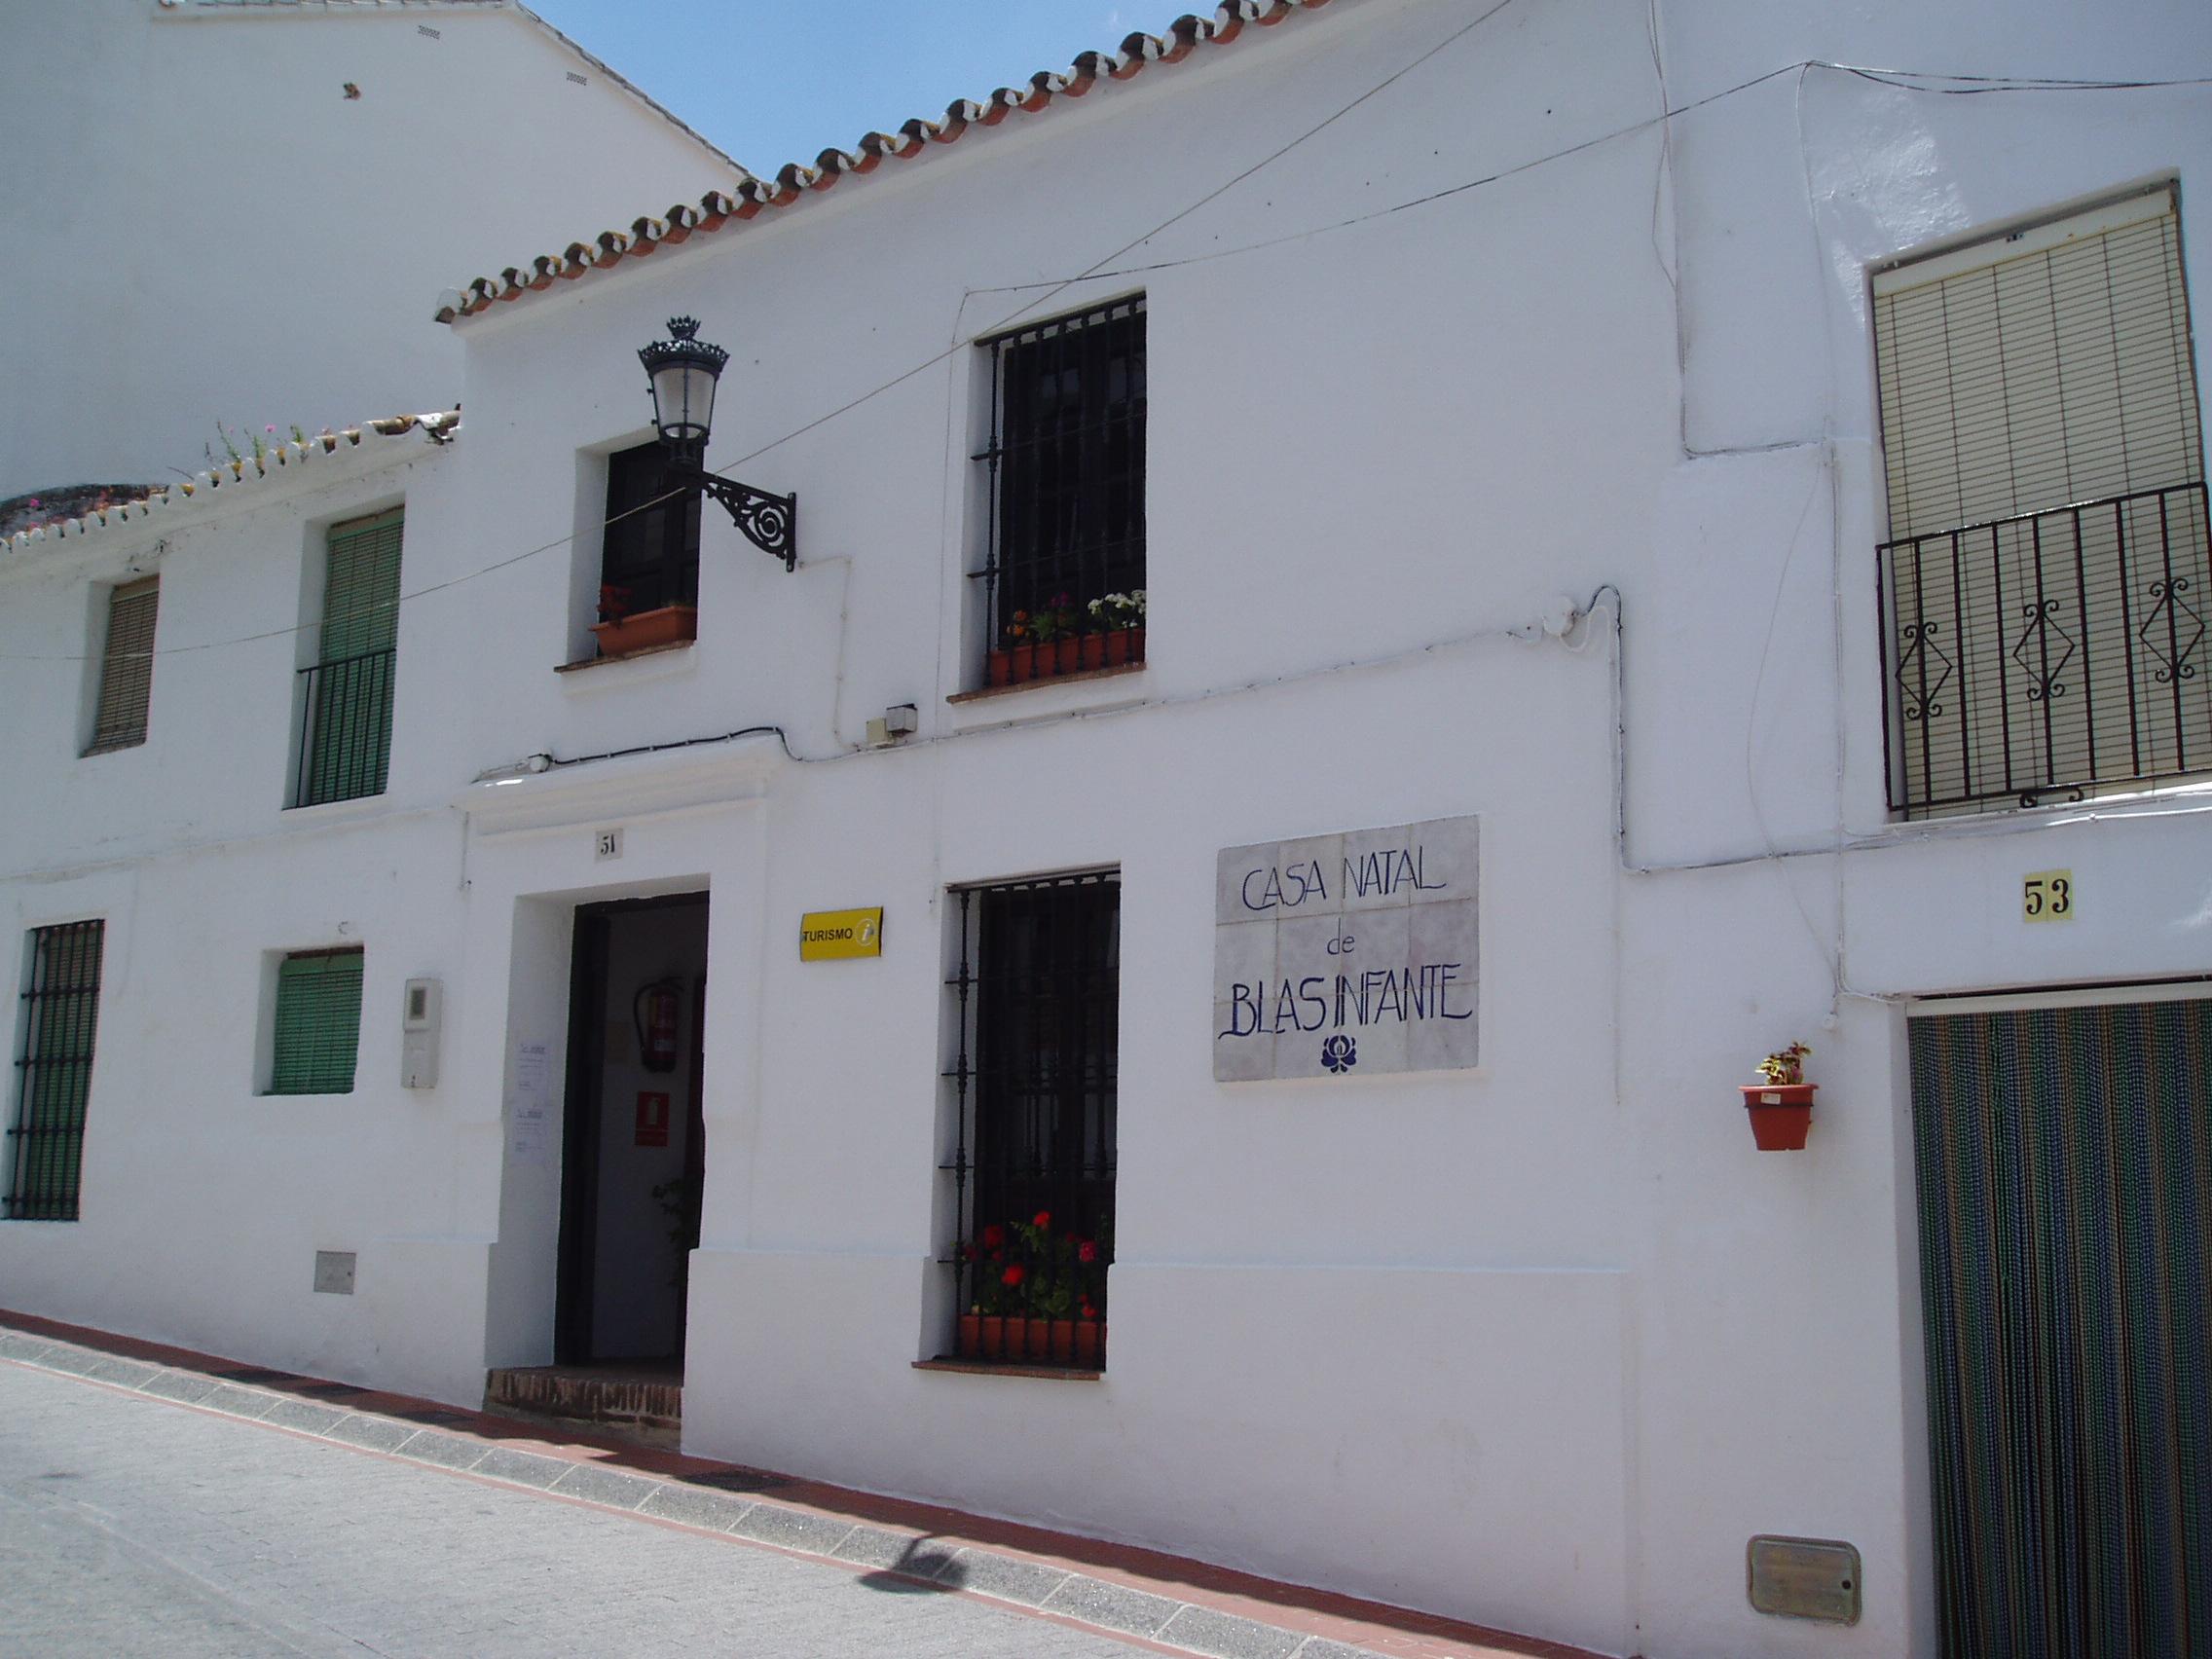 Casa natal de Blas Infante en Casares